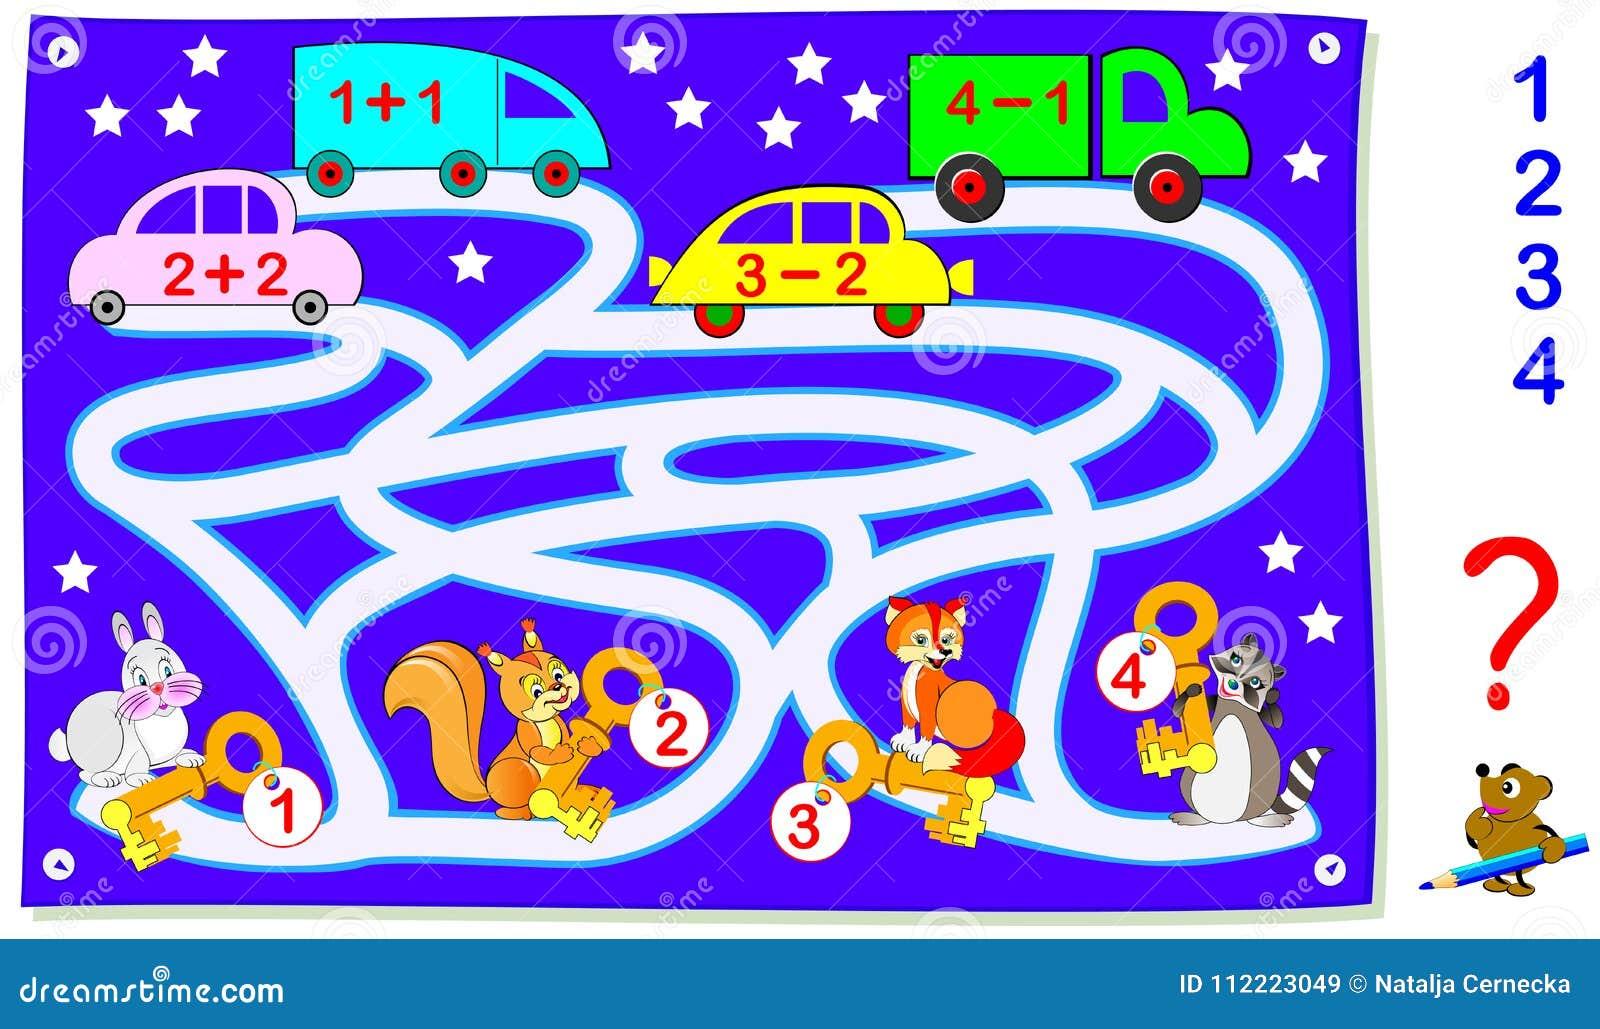 Beste Arbeitsblätter Für Kinder Zeichnen Bilder - Malvorlagen Von ...